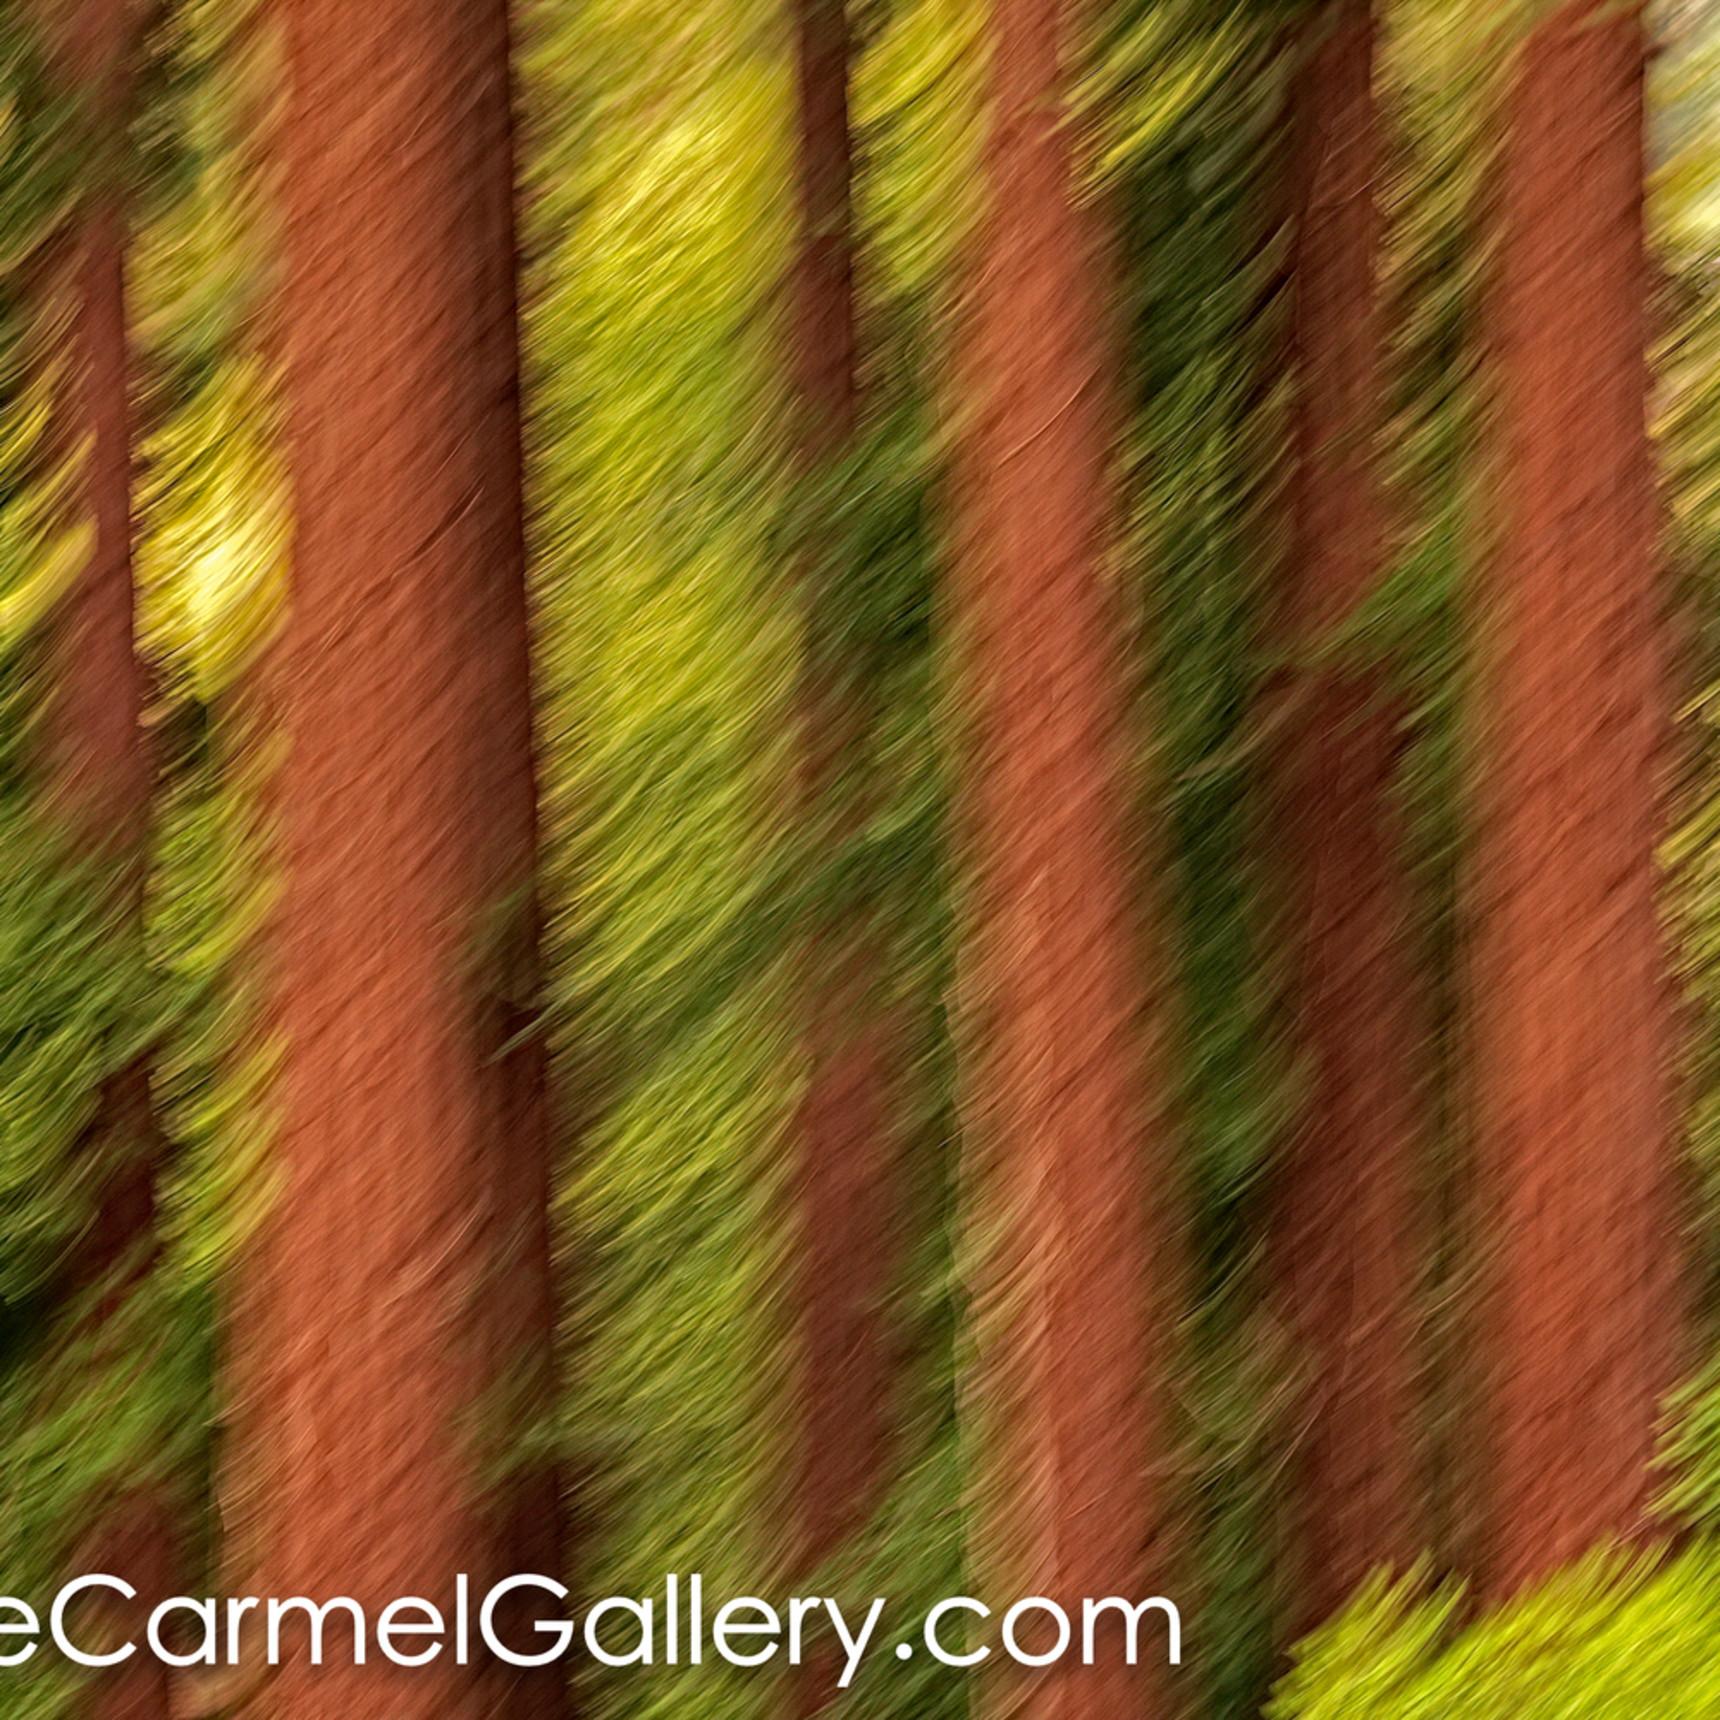 Redwood grove ii kz0jkf